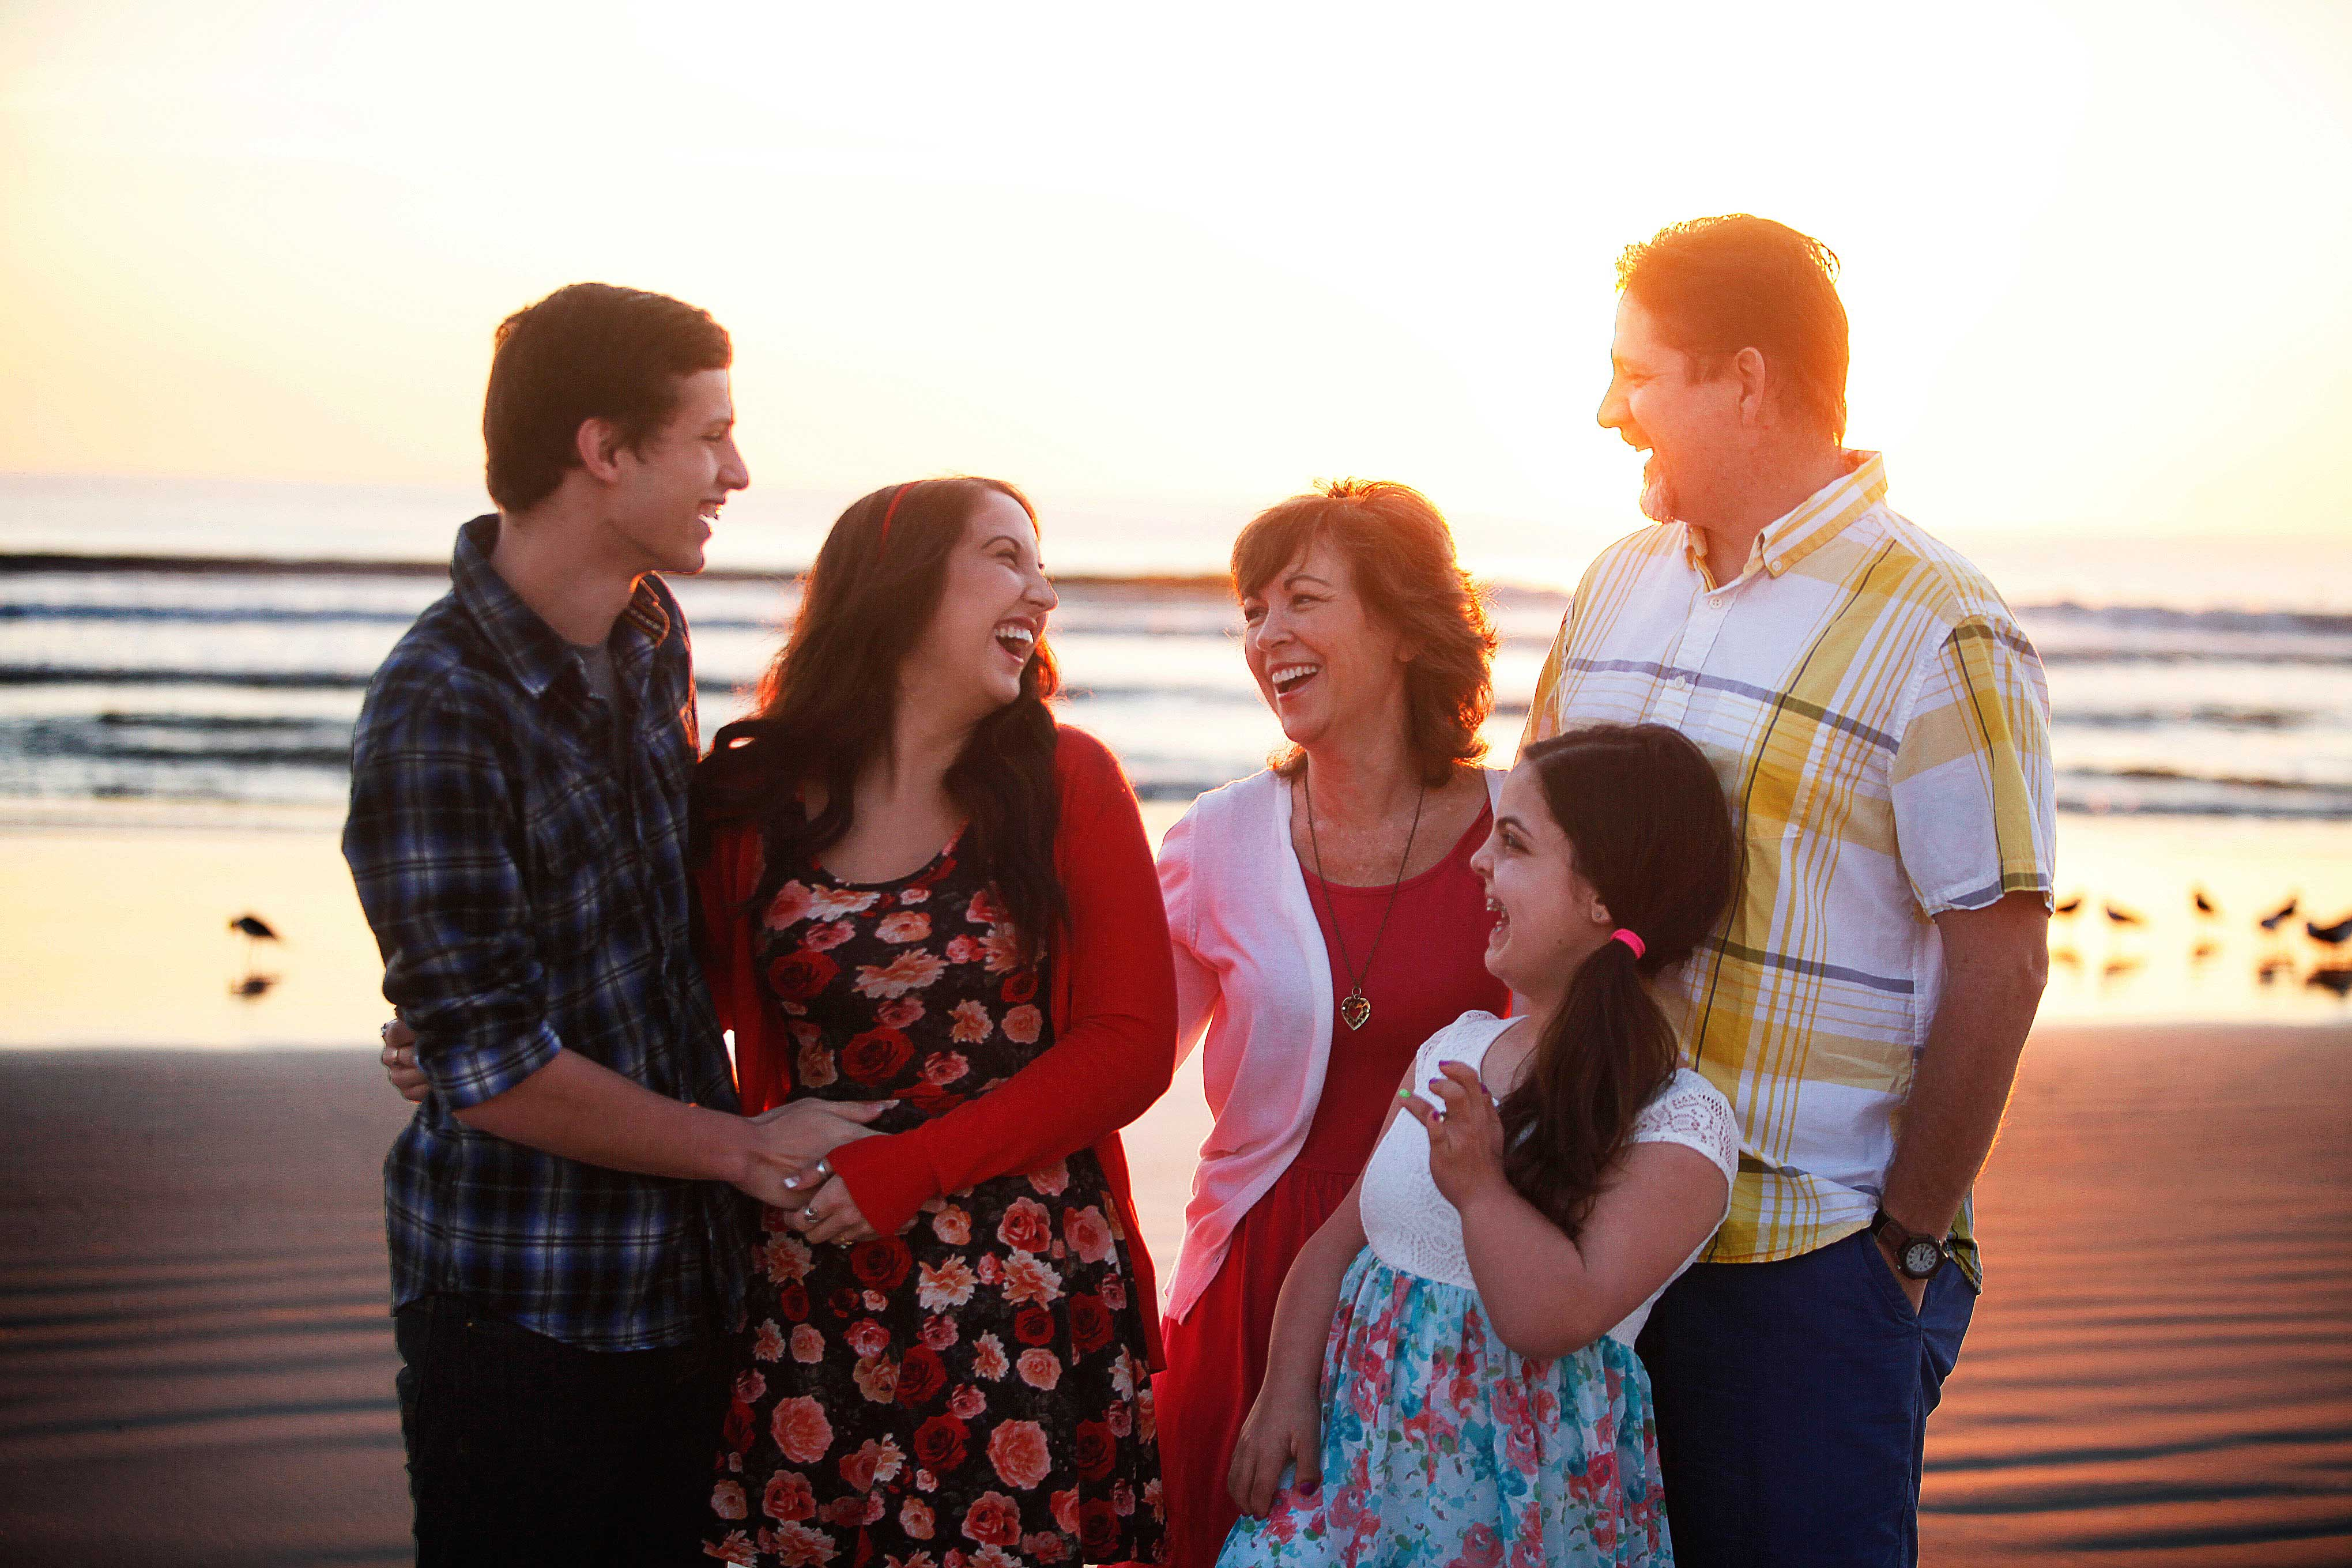 Image 15 of Rachel and Jacob | Daytona Beach Proposal